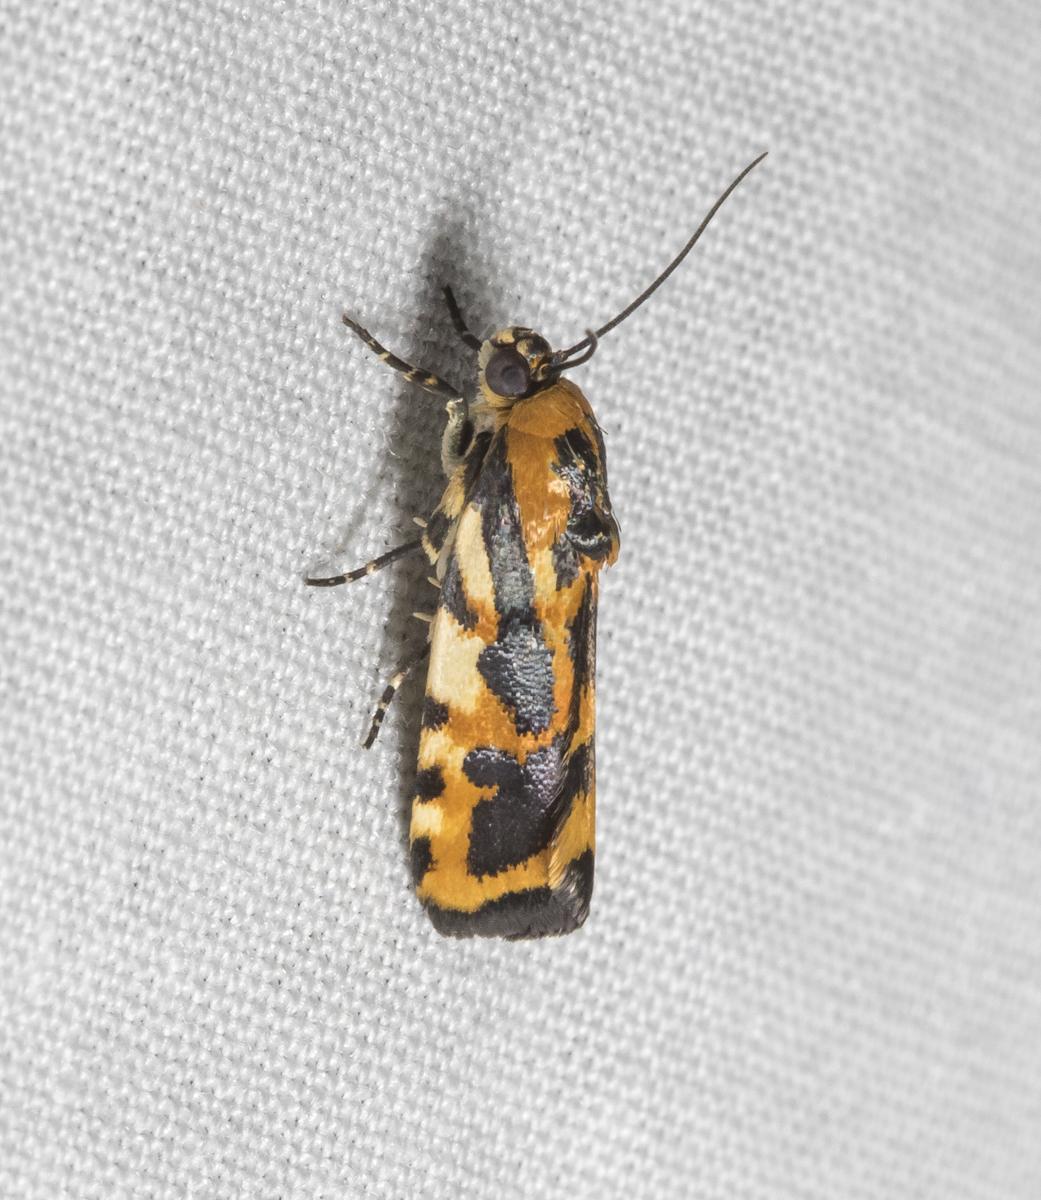 Common Spragueia Moth, Spragueia leo